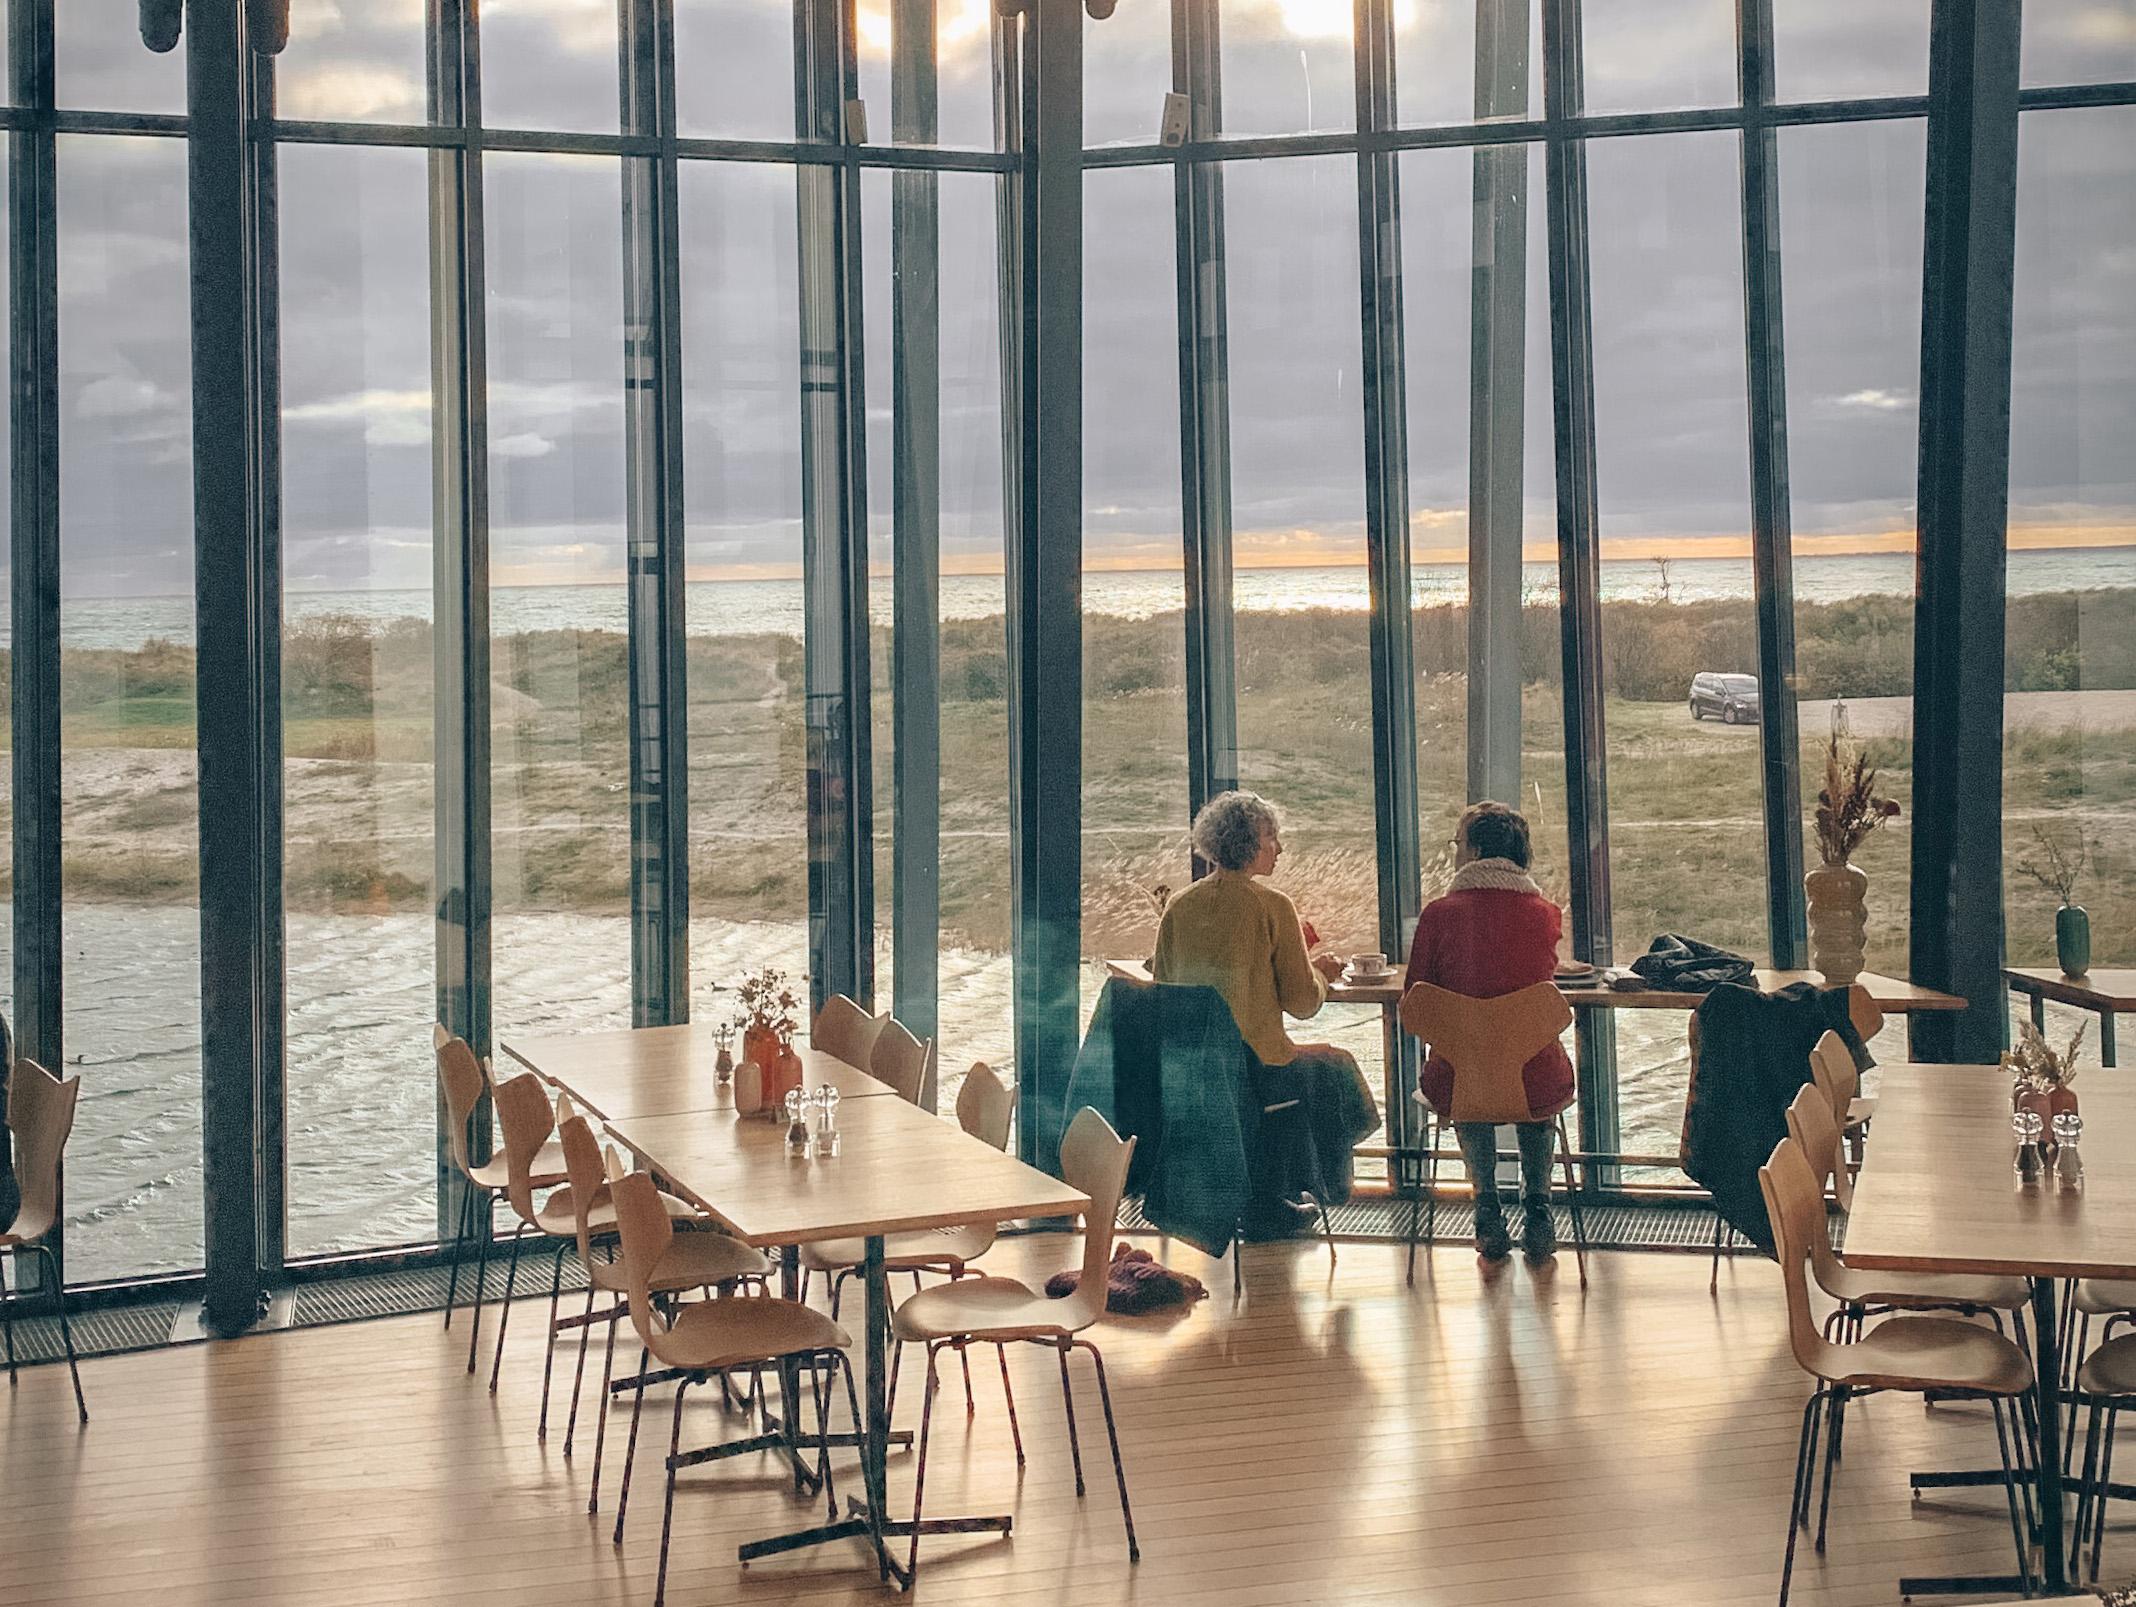 TRYGT MUSEUMSBESØG PÅ ARKEN